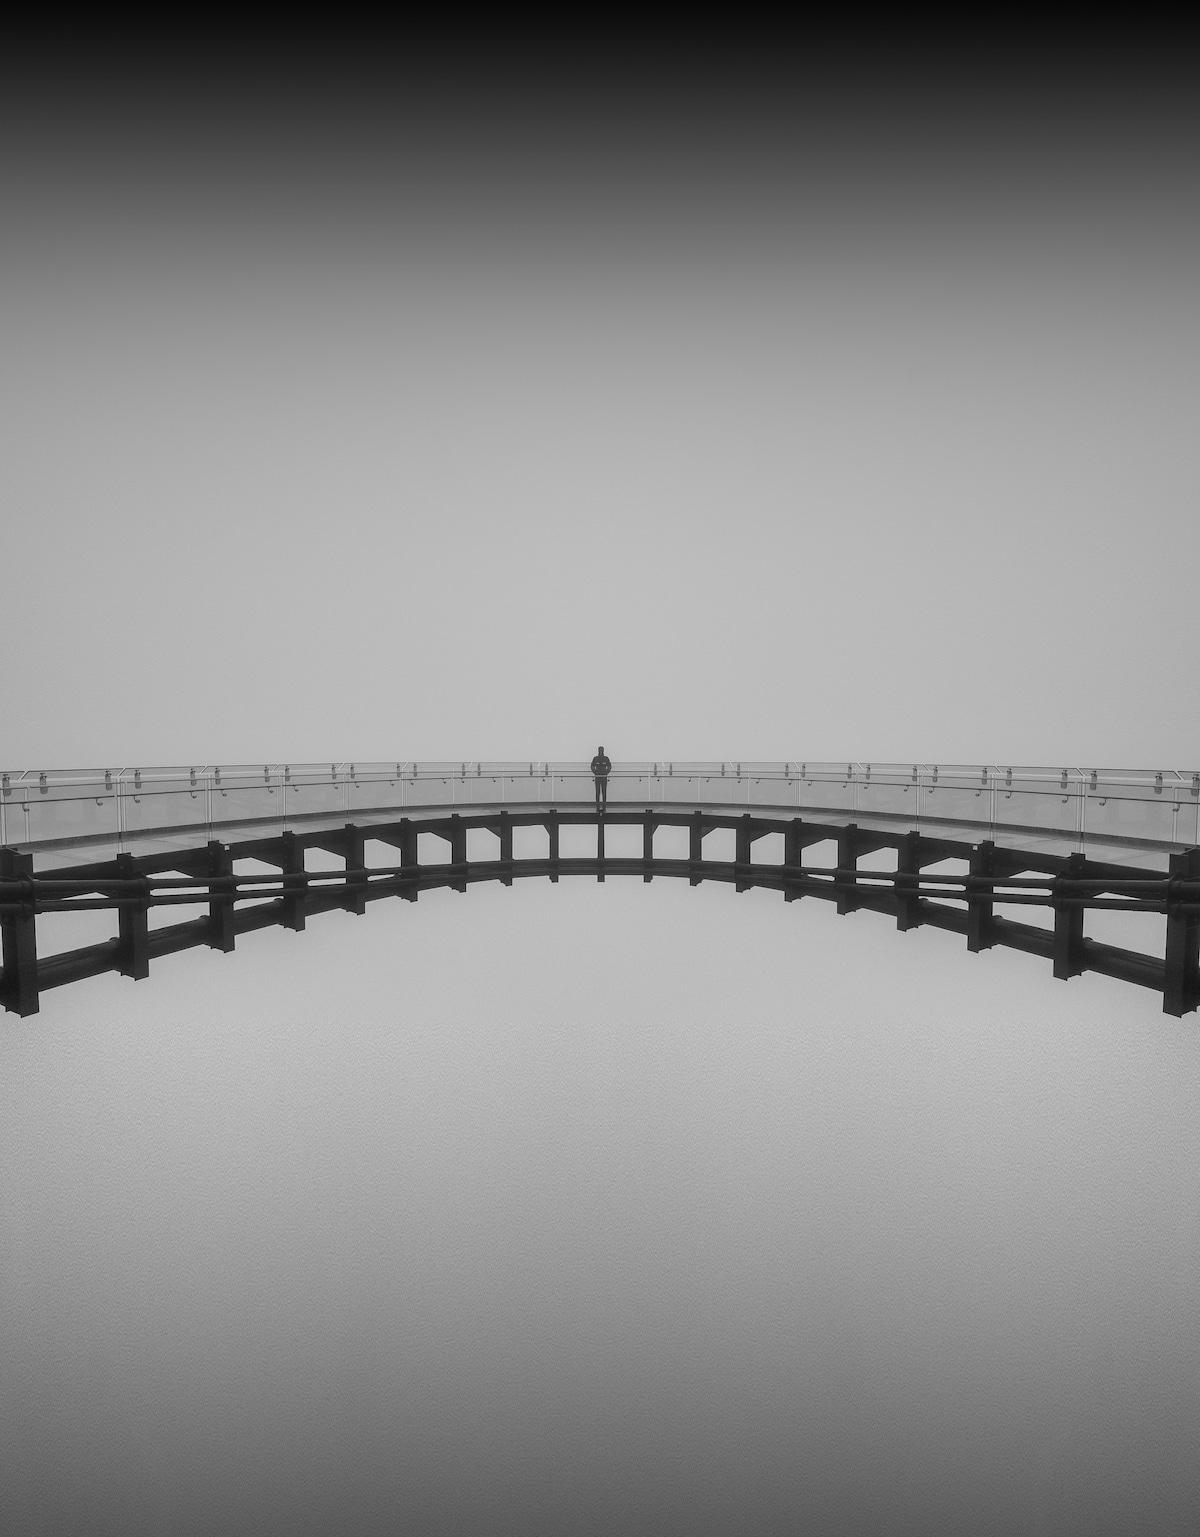 fotografo-blanco-y-negro-03